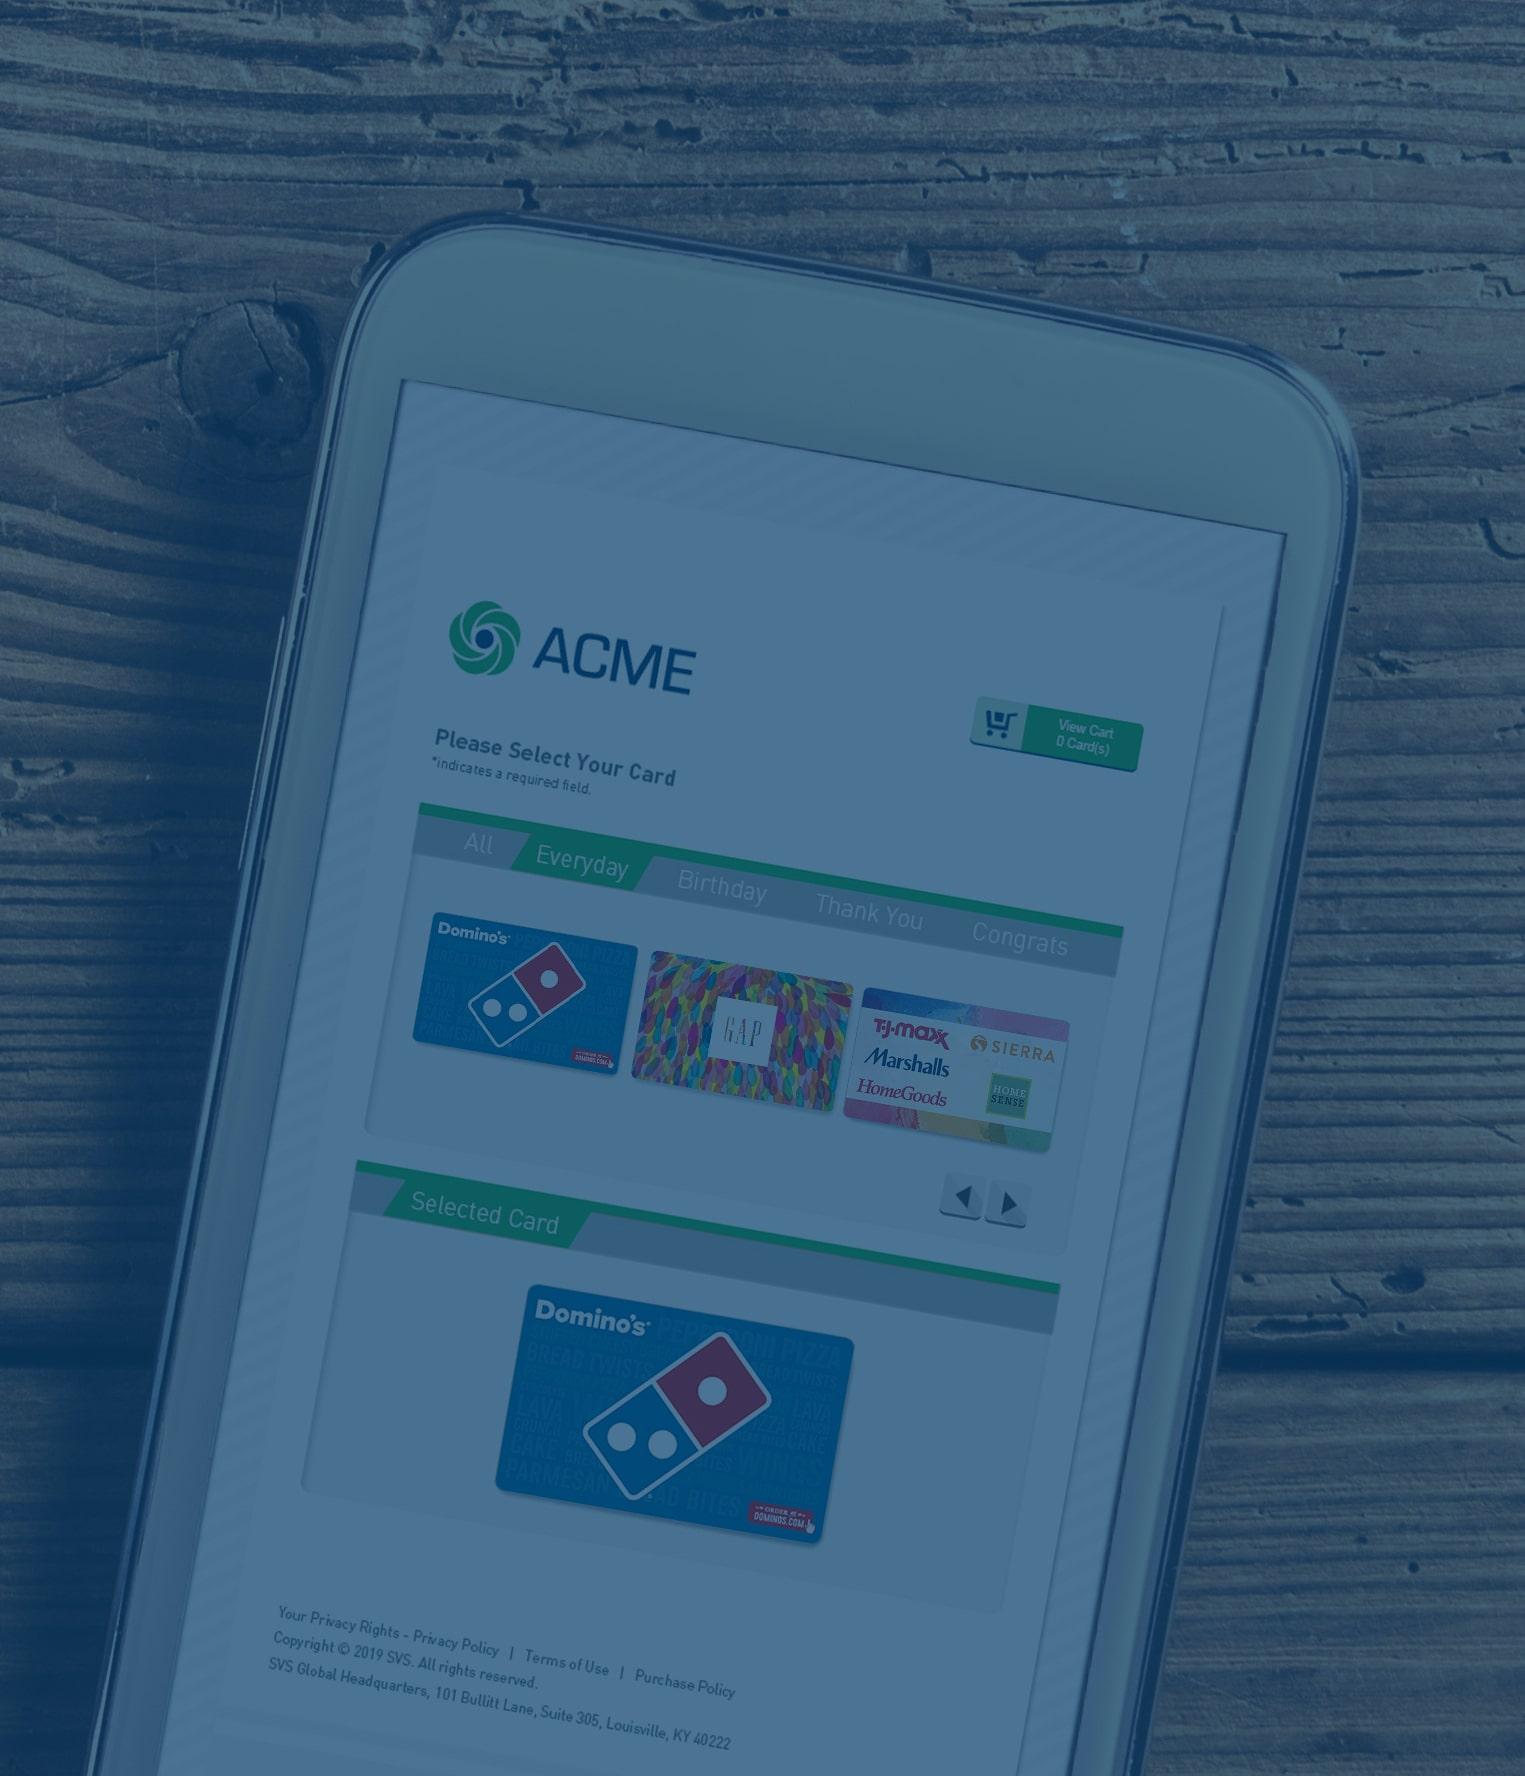 Das Telefon zeigt die Mitarbeitergeschenkkarten-Anreizseite der Firma Acme mit den Optionen Domino's Pizza, The Gap und TJX Companies. Domino's ist ausgewählt.